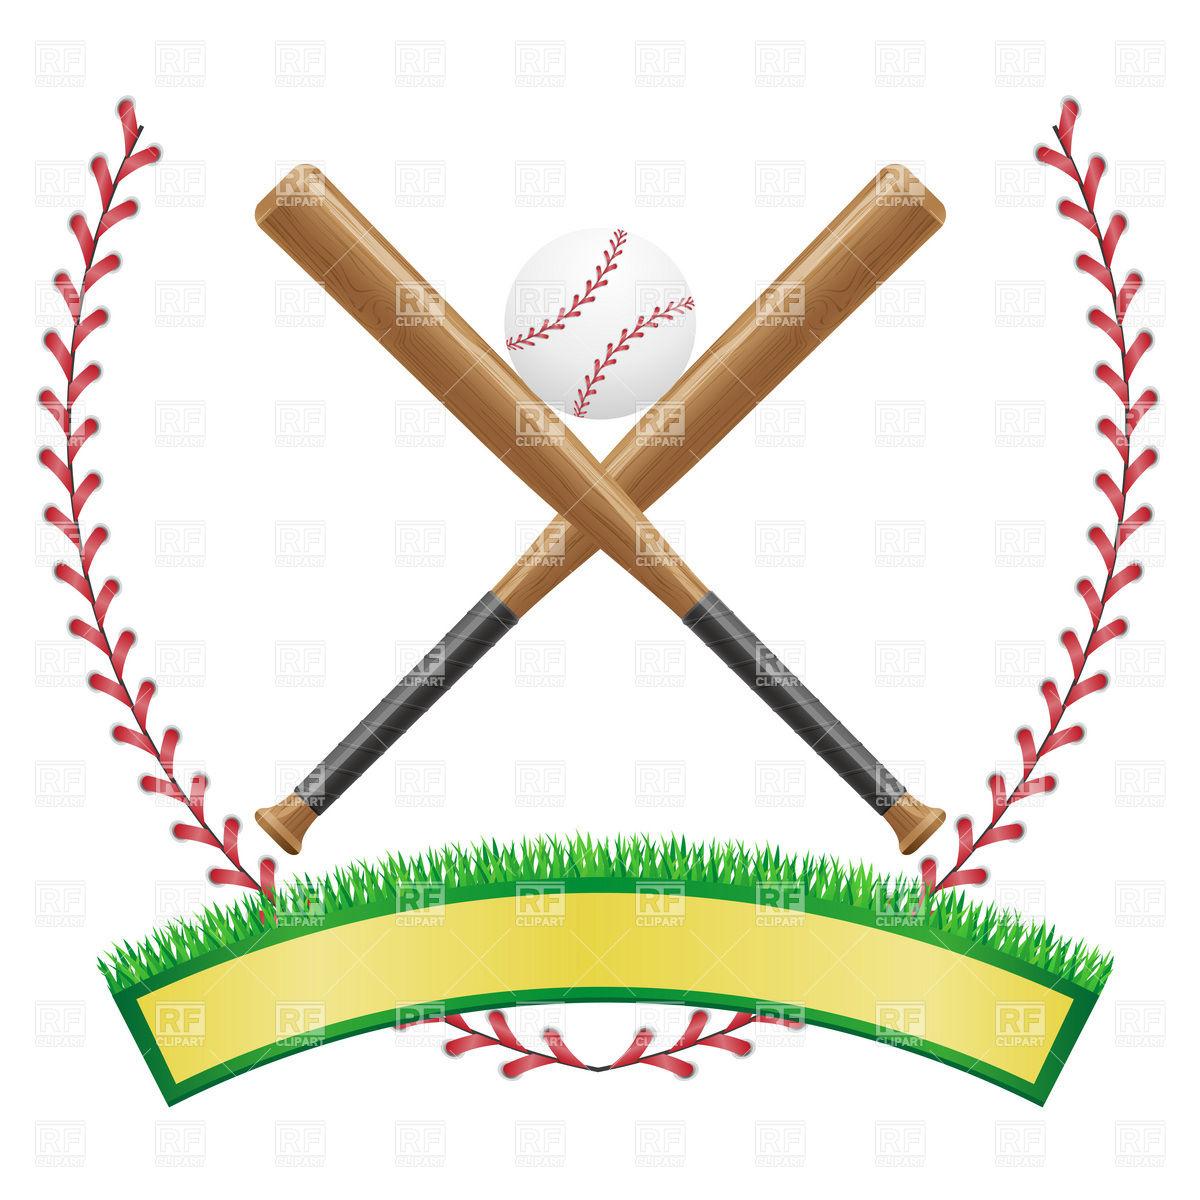 Baseball emblem with banner, ball and baseball bats Stock Vector Image.